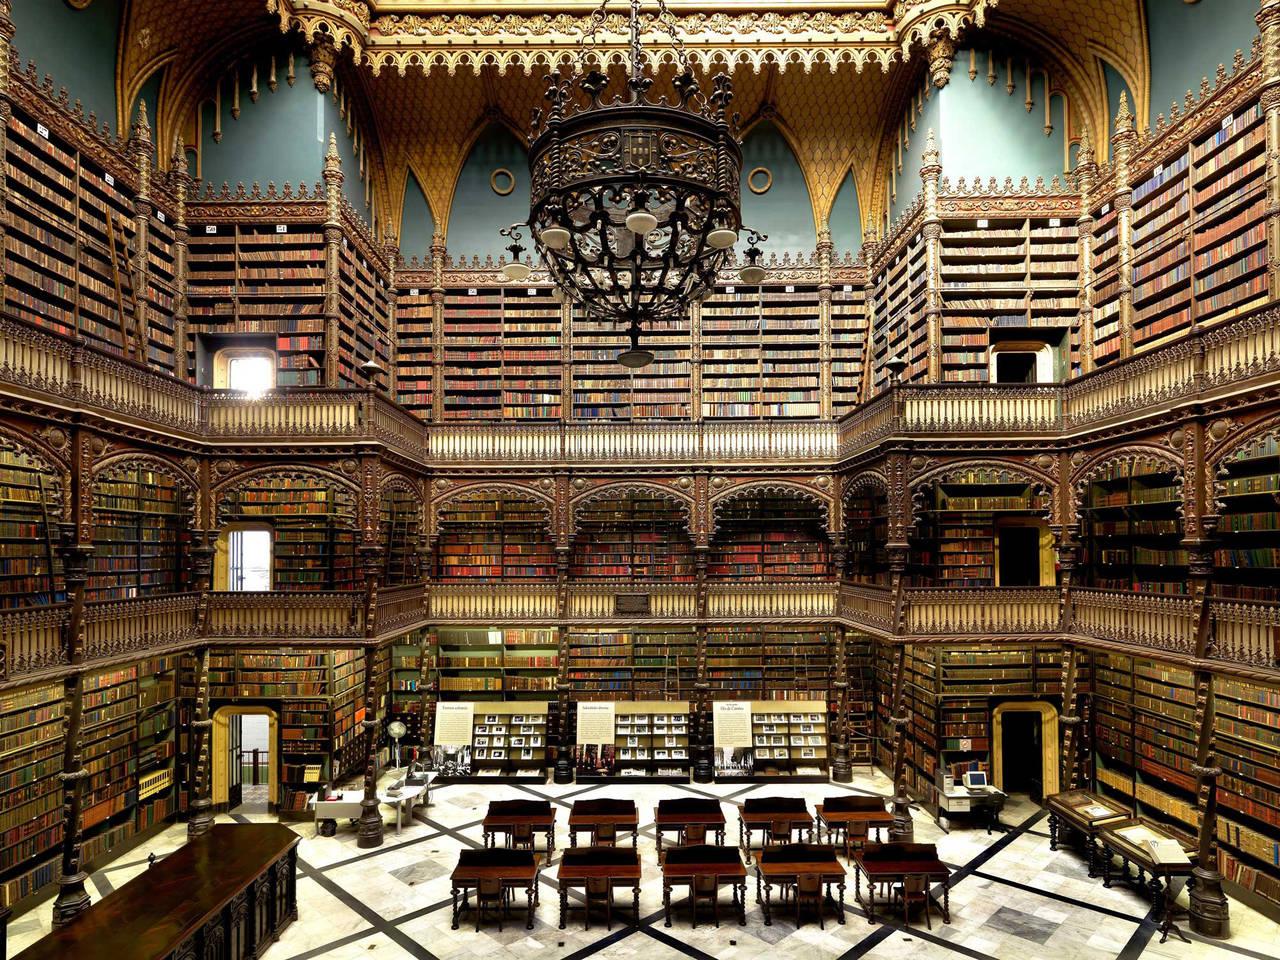 Biblioteca Real Gabinete de Leitura, Rio De Janeiro-Brasile